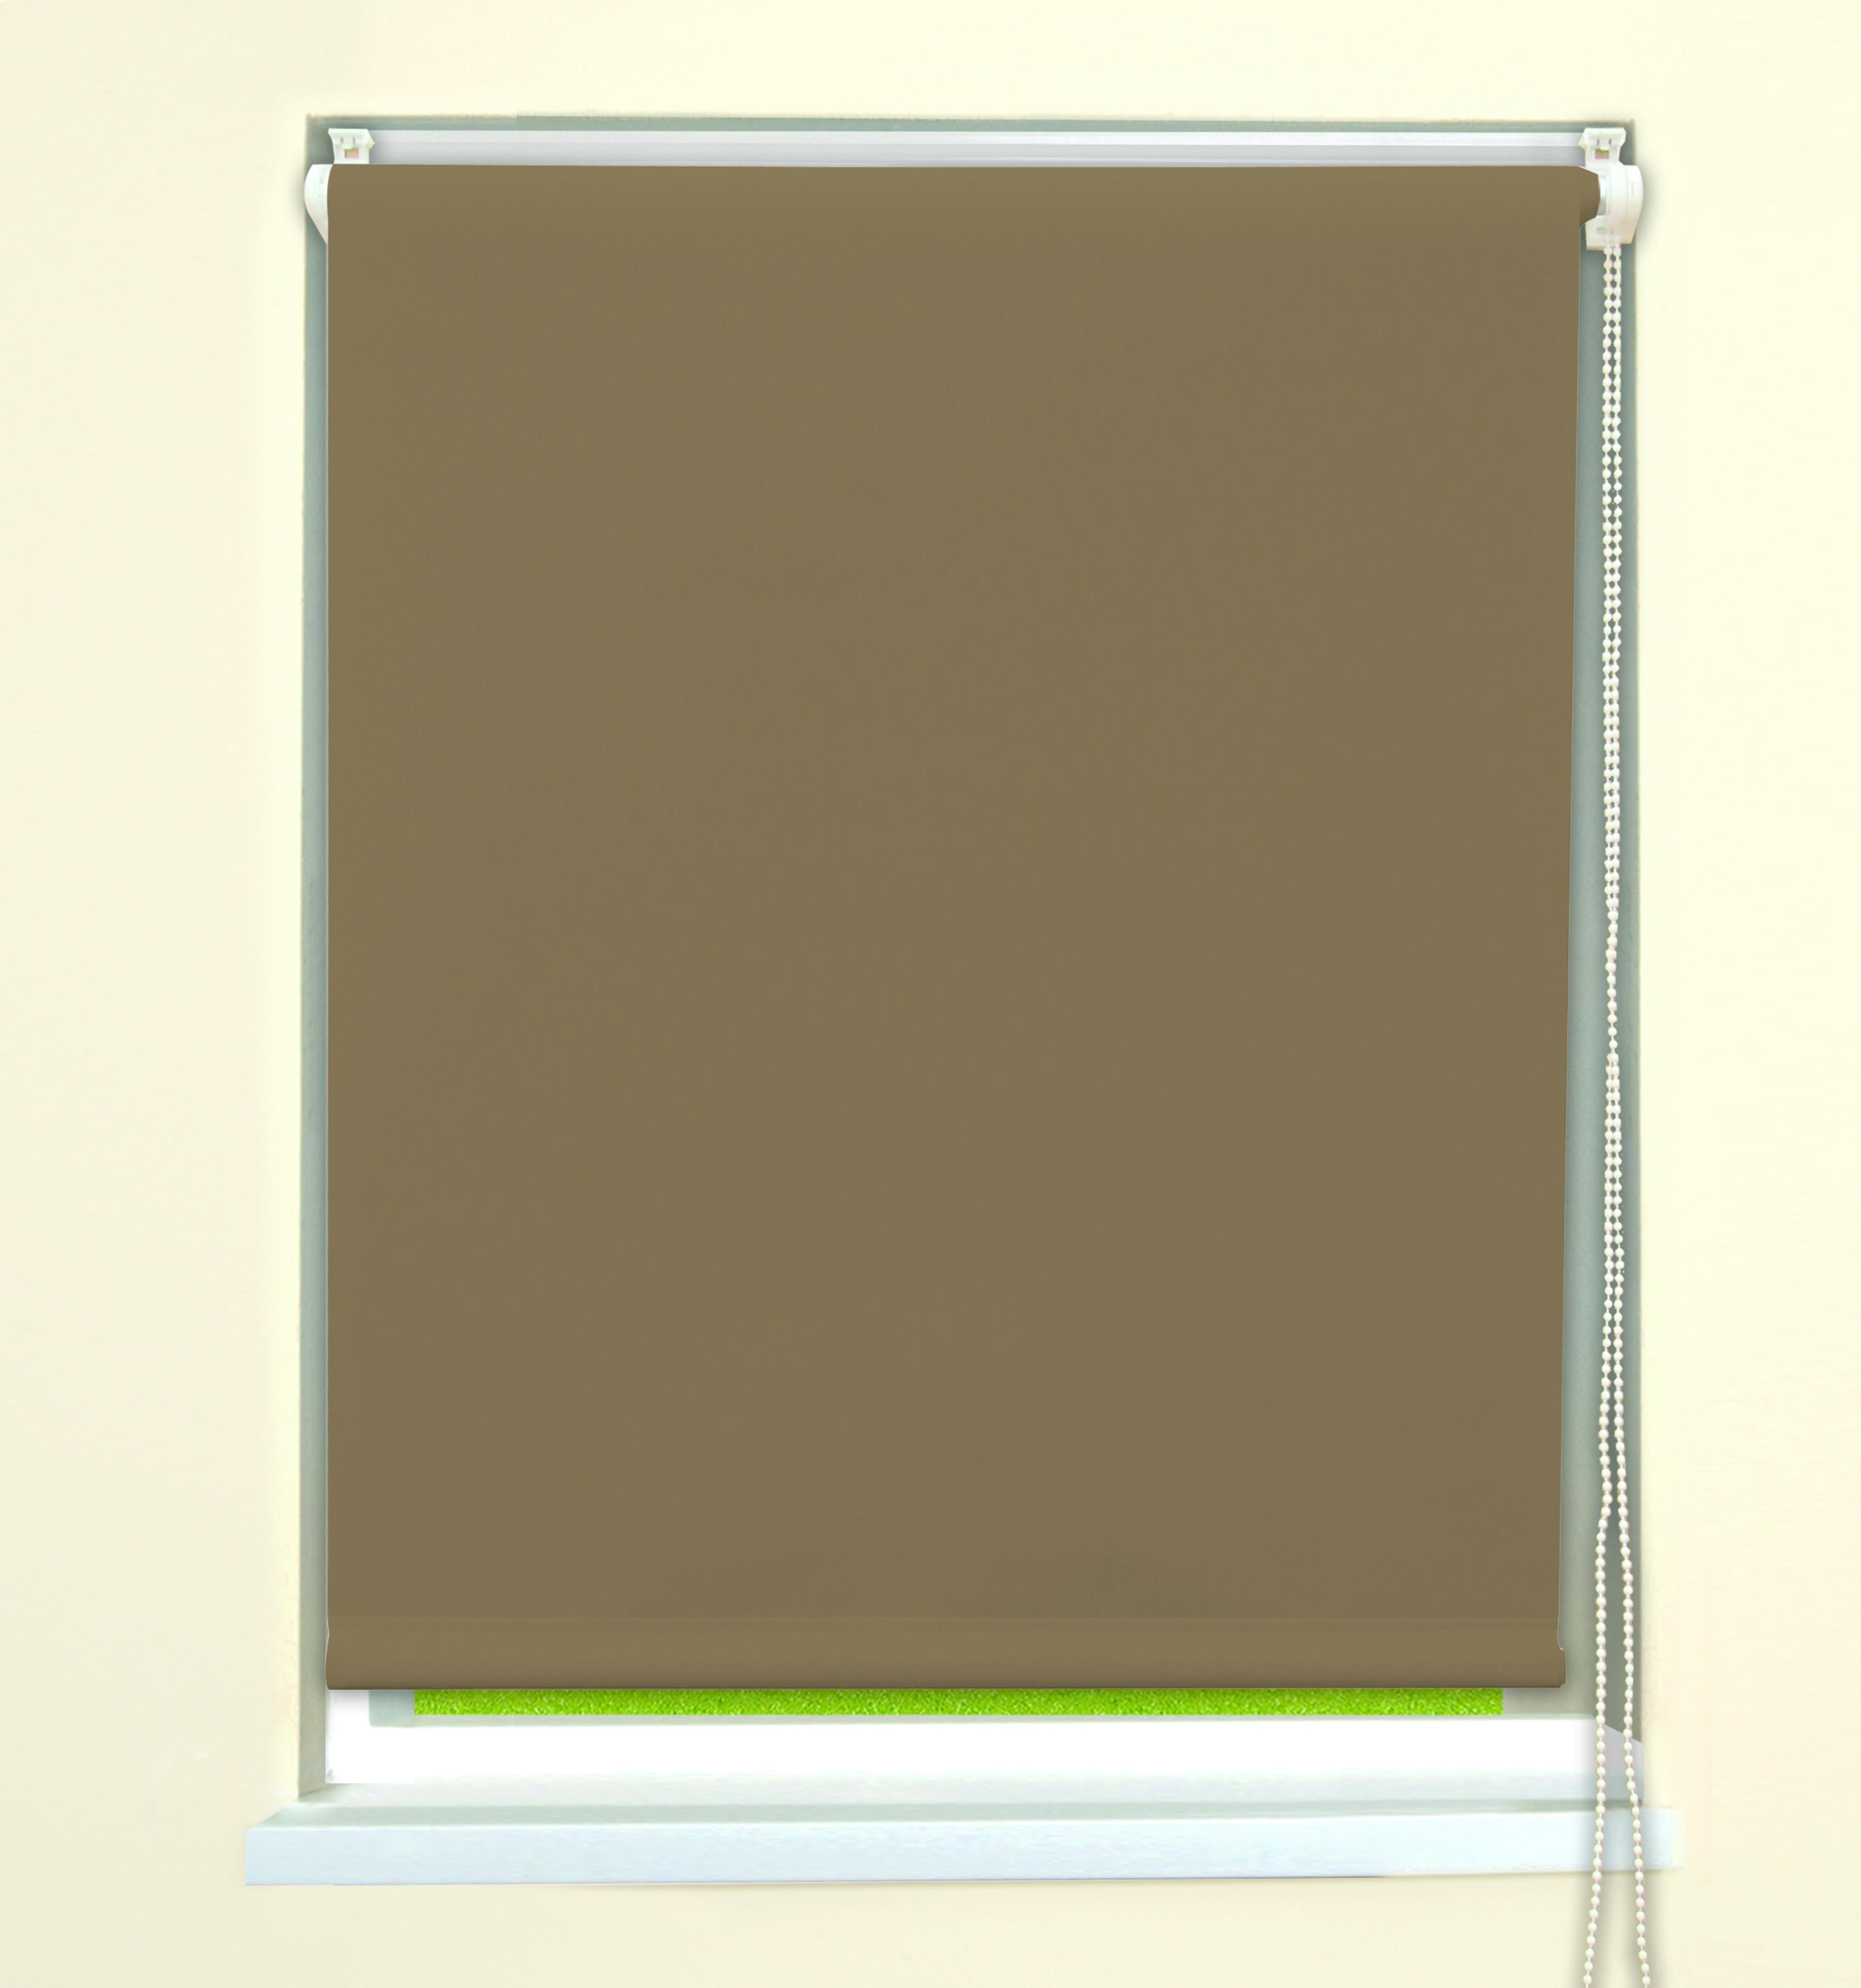 klemmfix seitenzugrollo verdunklungsrollo ohne bohren agemedes sale bn gardinen online shop. Black Bedroom Furniture Sets. Home Design Ideas